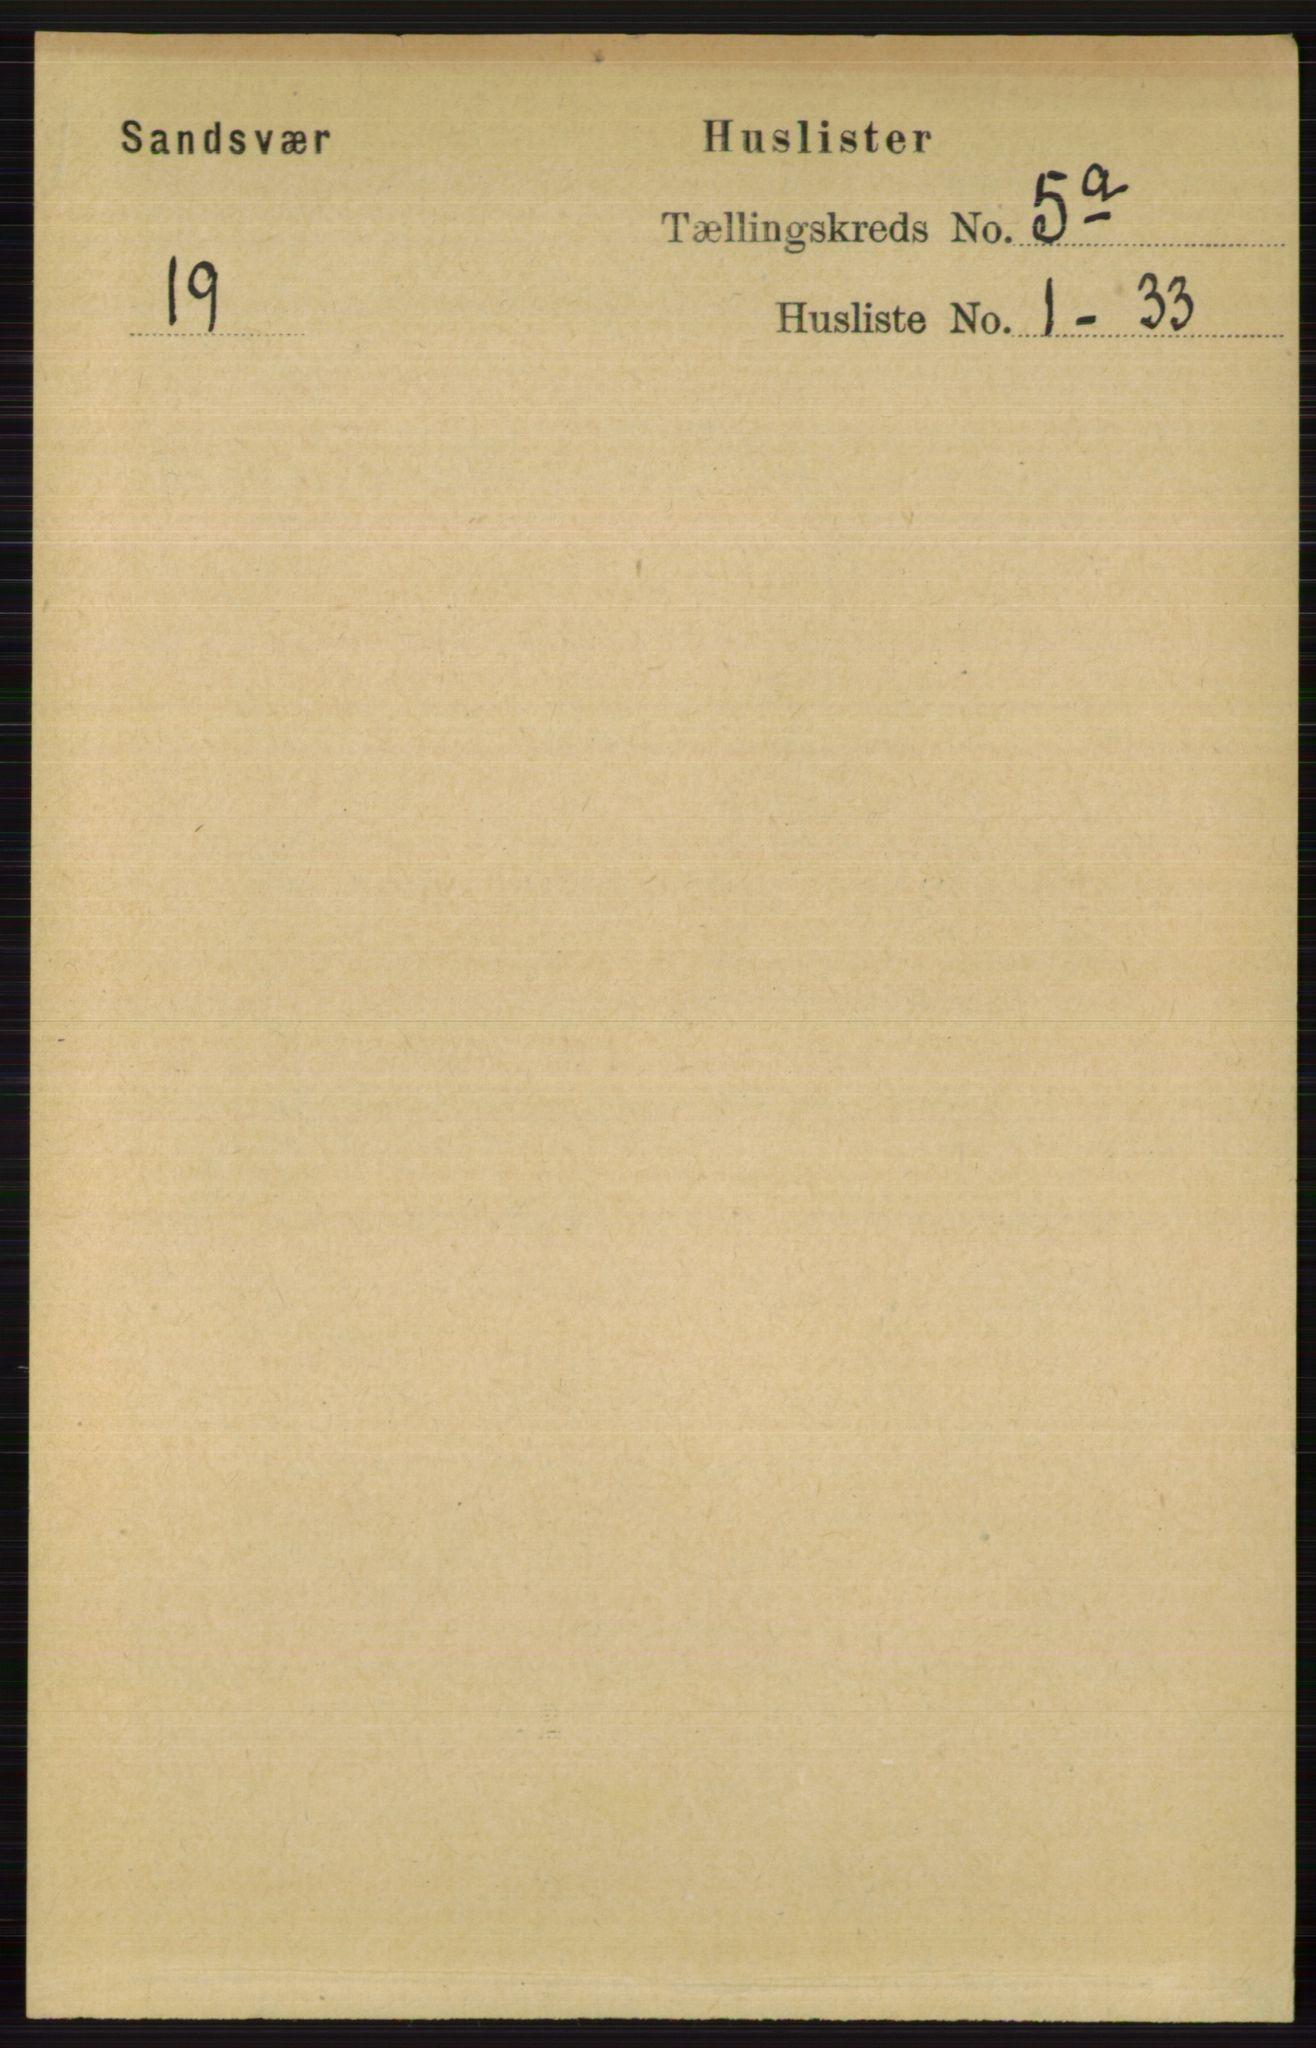 RA, Folketelling 1891 for 0629 Sandsvær herred, 1891, s. 2441